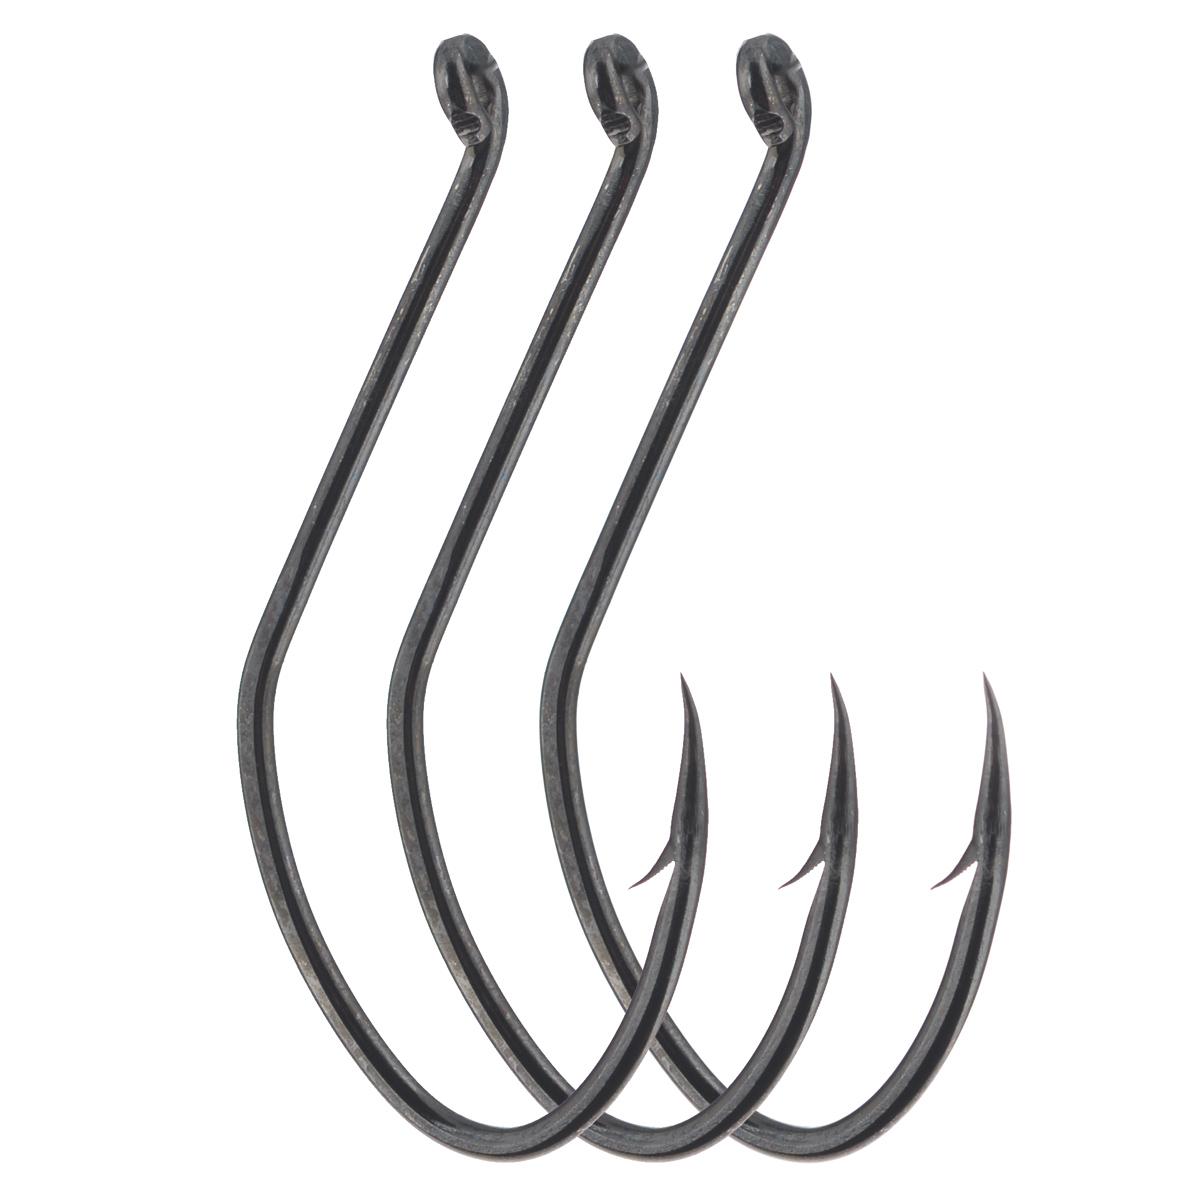 Крючки рыболовные Cobra Catfish, цвет: черный, размер 8/0, 3 штLJH350-K050Прочные крючки Cobra Catfish для ловли трофейной рыбы, прекрасно удерживает различные насадки. Данные крючки хорошо себя зарекомендовали при ловле на живую насадку - своим весом они не стесняют ее движений. Благодаря специальной заточке жала, крючок легко пробивает прочную хрящевую и костную ткань. Чуть отогнутое назад колечко позволяет привязывать крючок к леске различными способами.